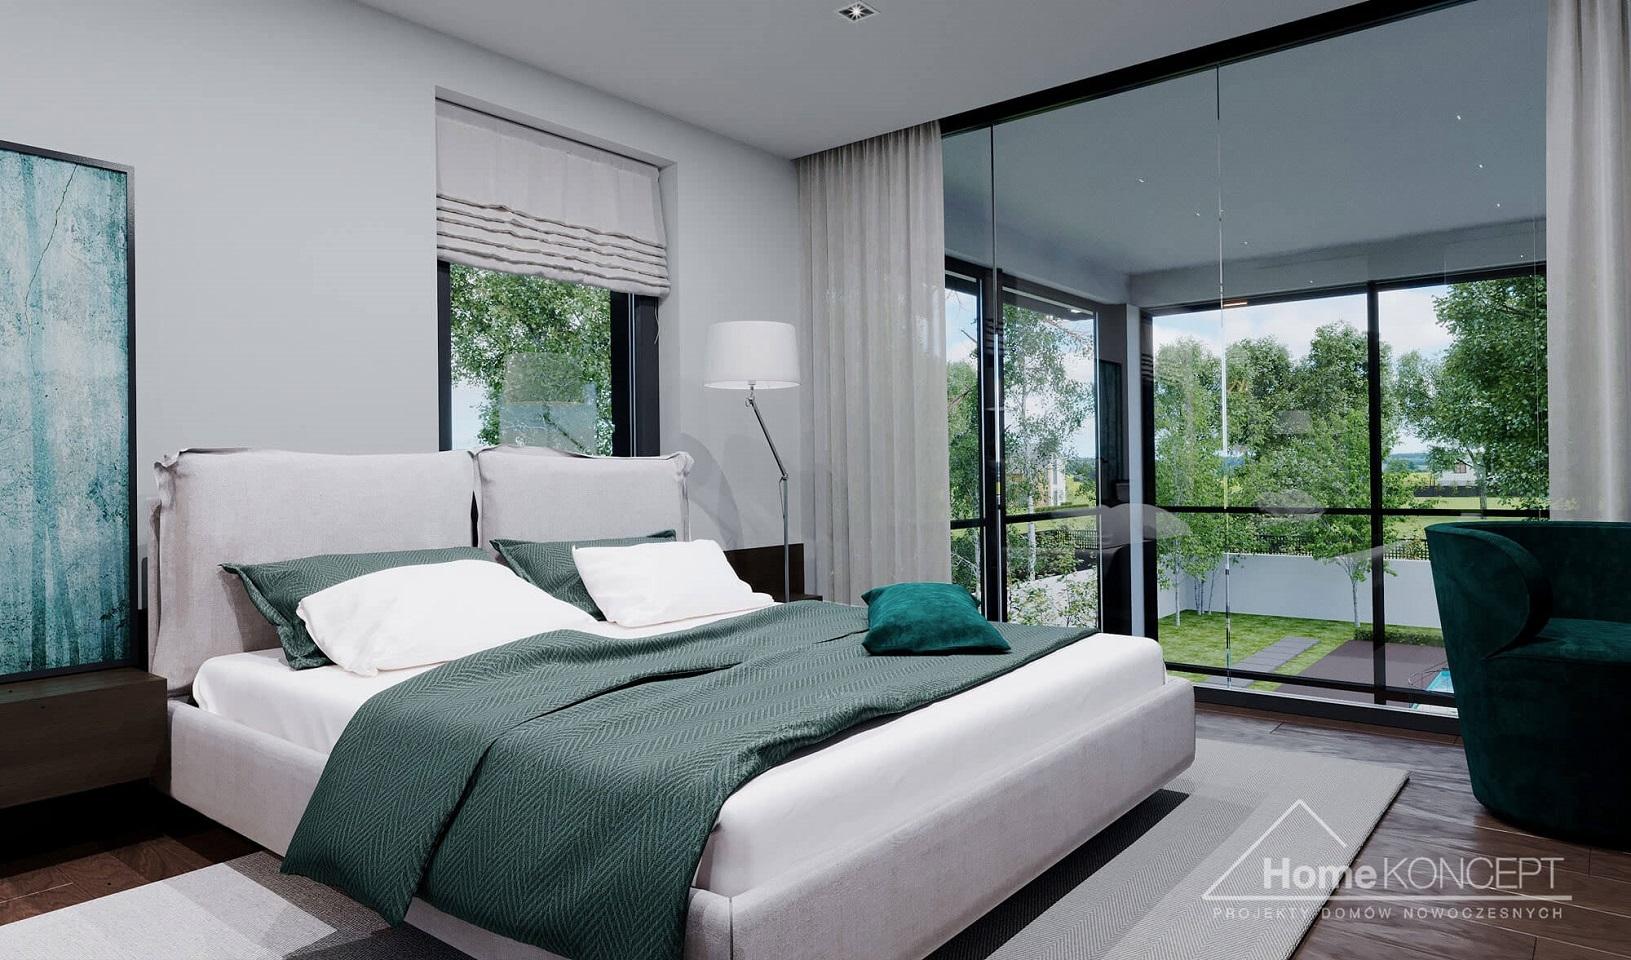 Sypialnia Hk60